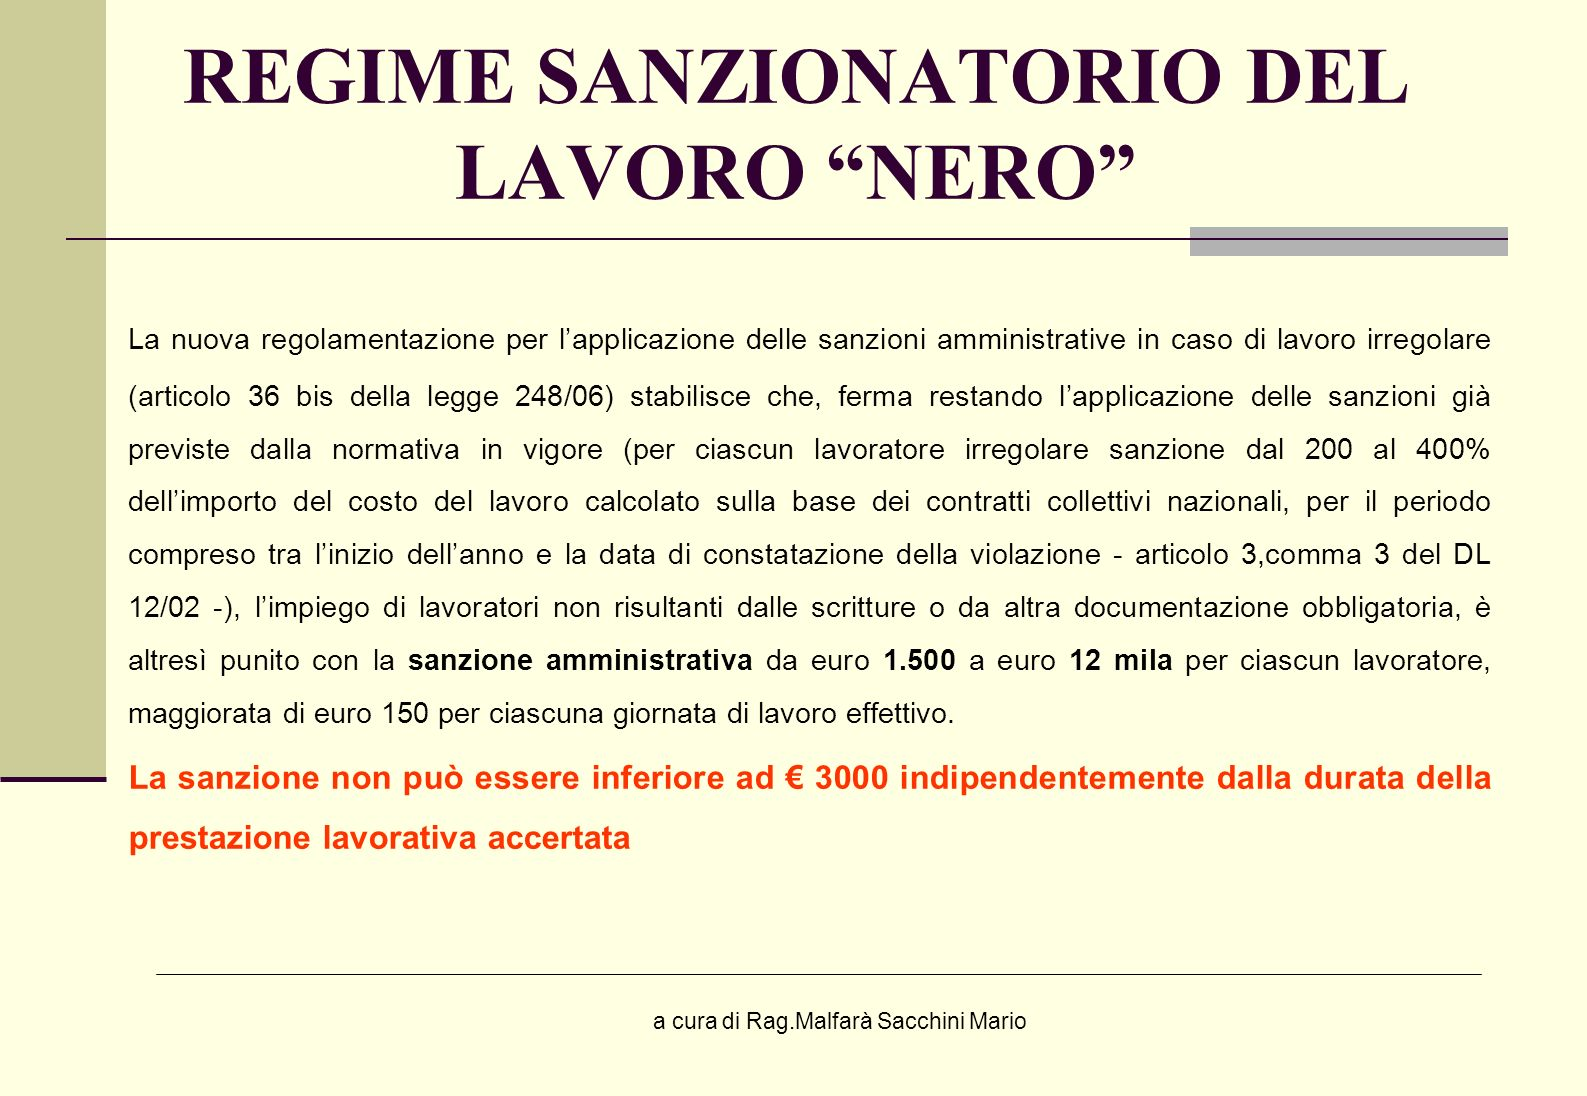 REGIME SANZIONATORIO DEL LAVORO NERO